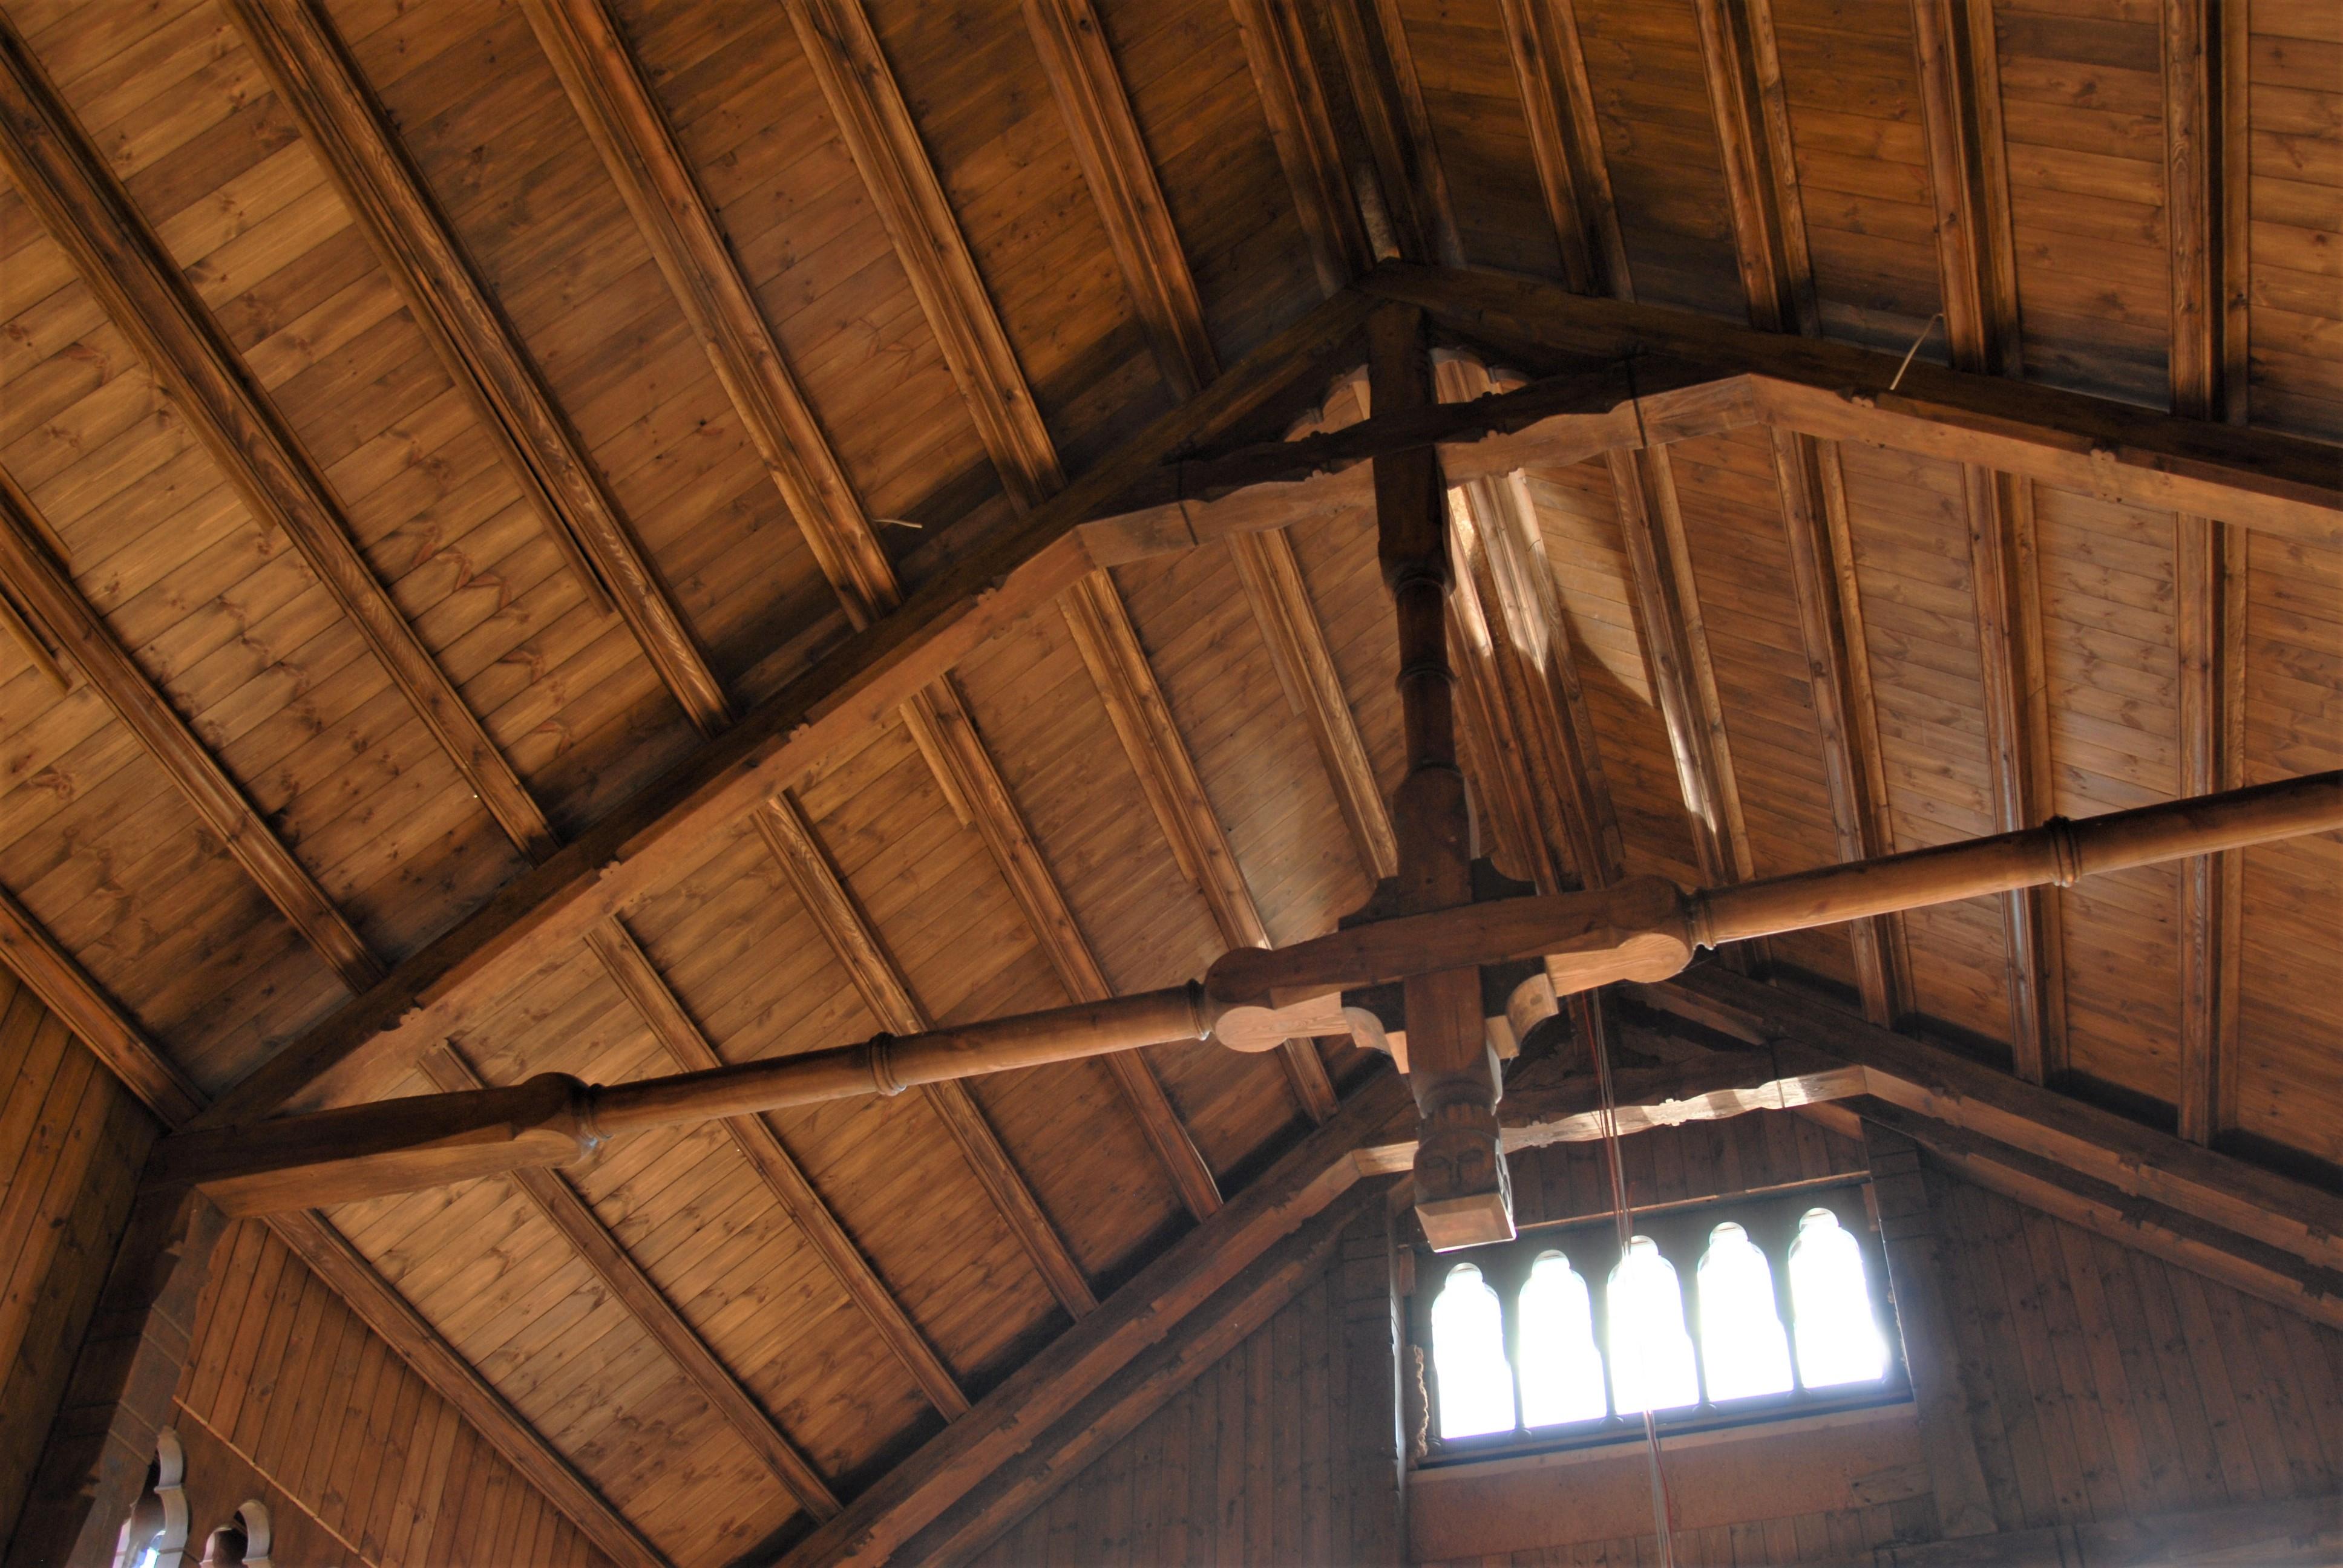 Blick in die Dachkonstruktion der wiederaufgebauten Ventehalle der Kaiserlichen Matrosenstation, aufgenommen am 04. Sep. 2017. Foto: May-Barg.